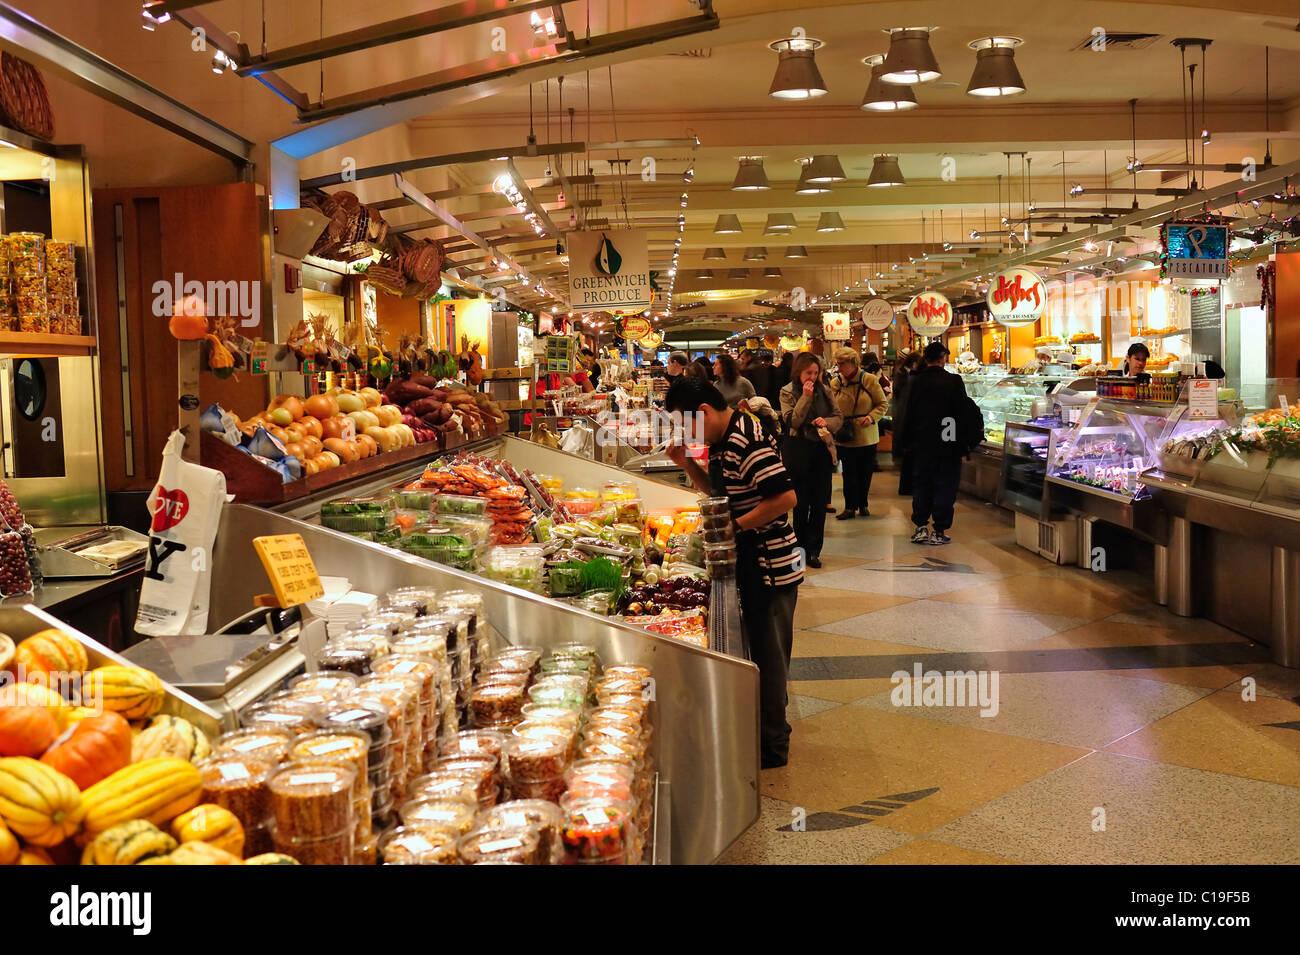 Food Market Grand Central Station